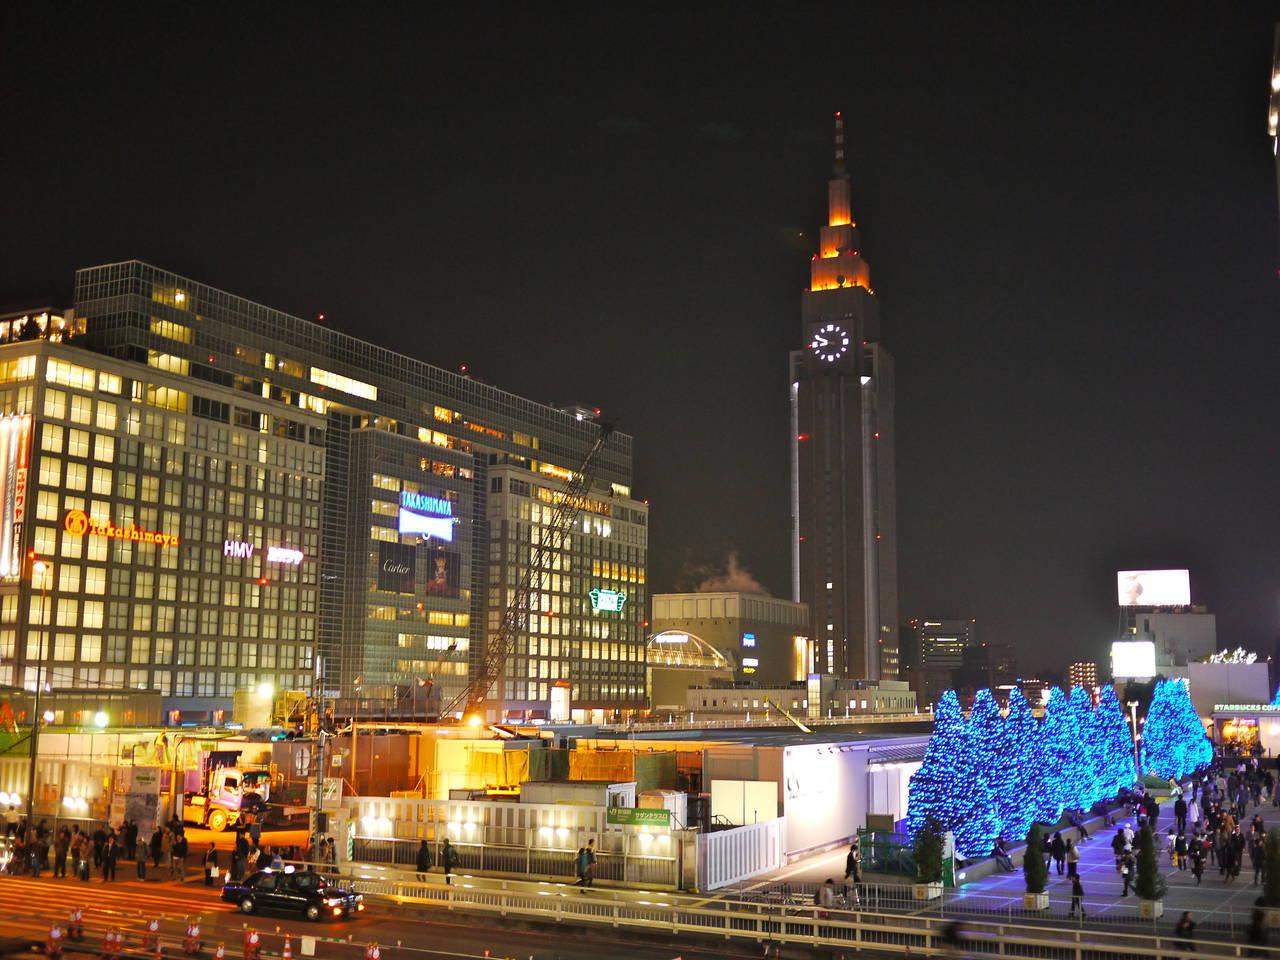 Takashima Times Square in Higashi-Shinjuku